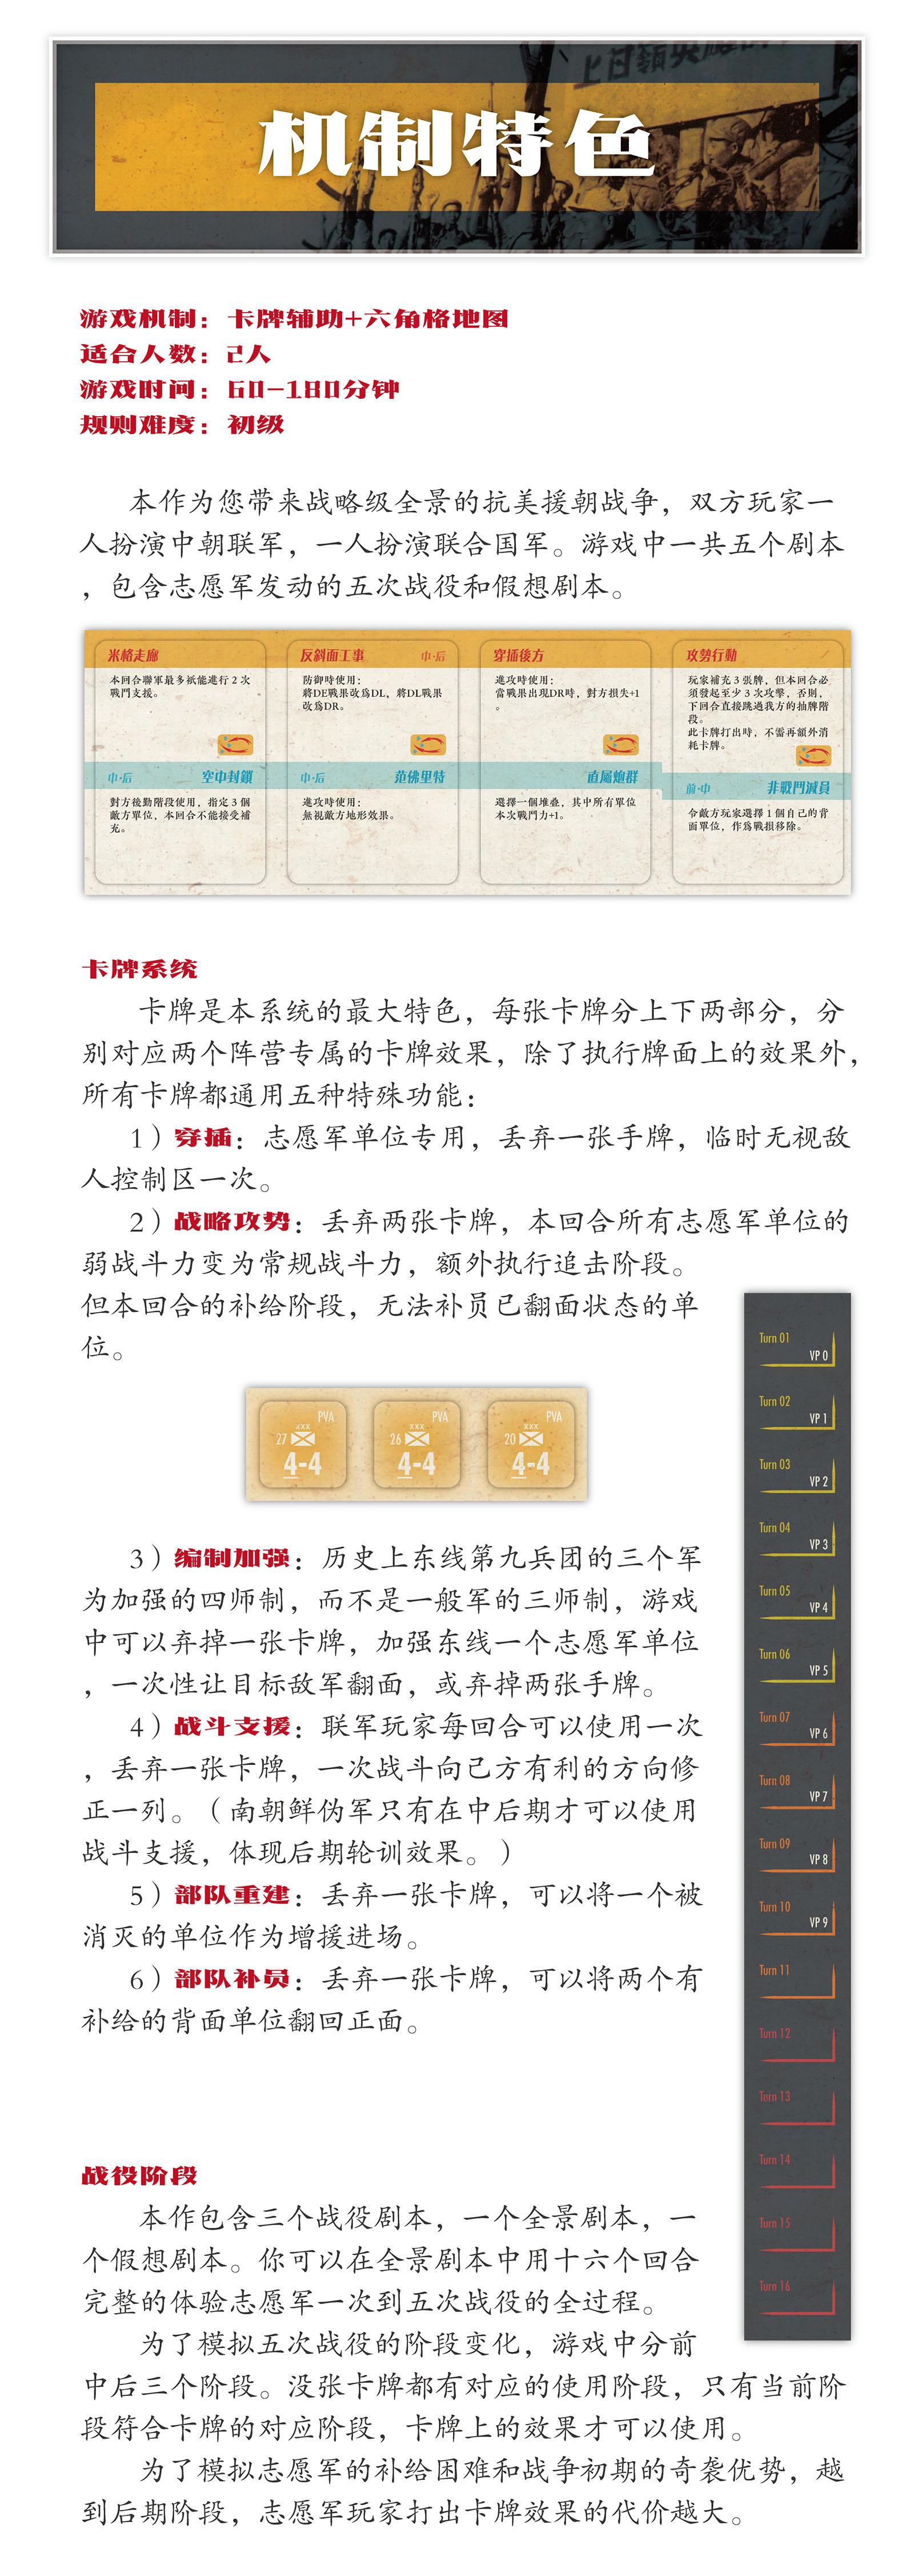 预售宣传3.jpg